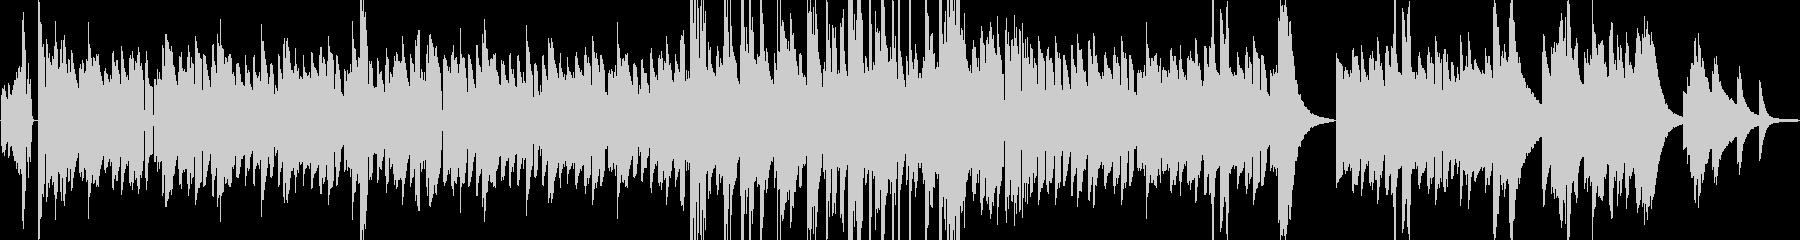 JIINO/オシャレなブルースの未再生の波形